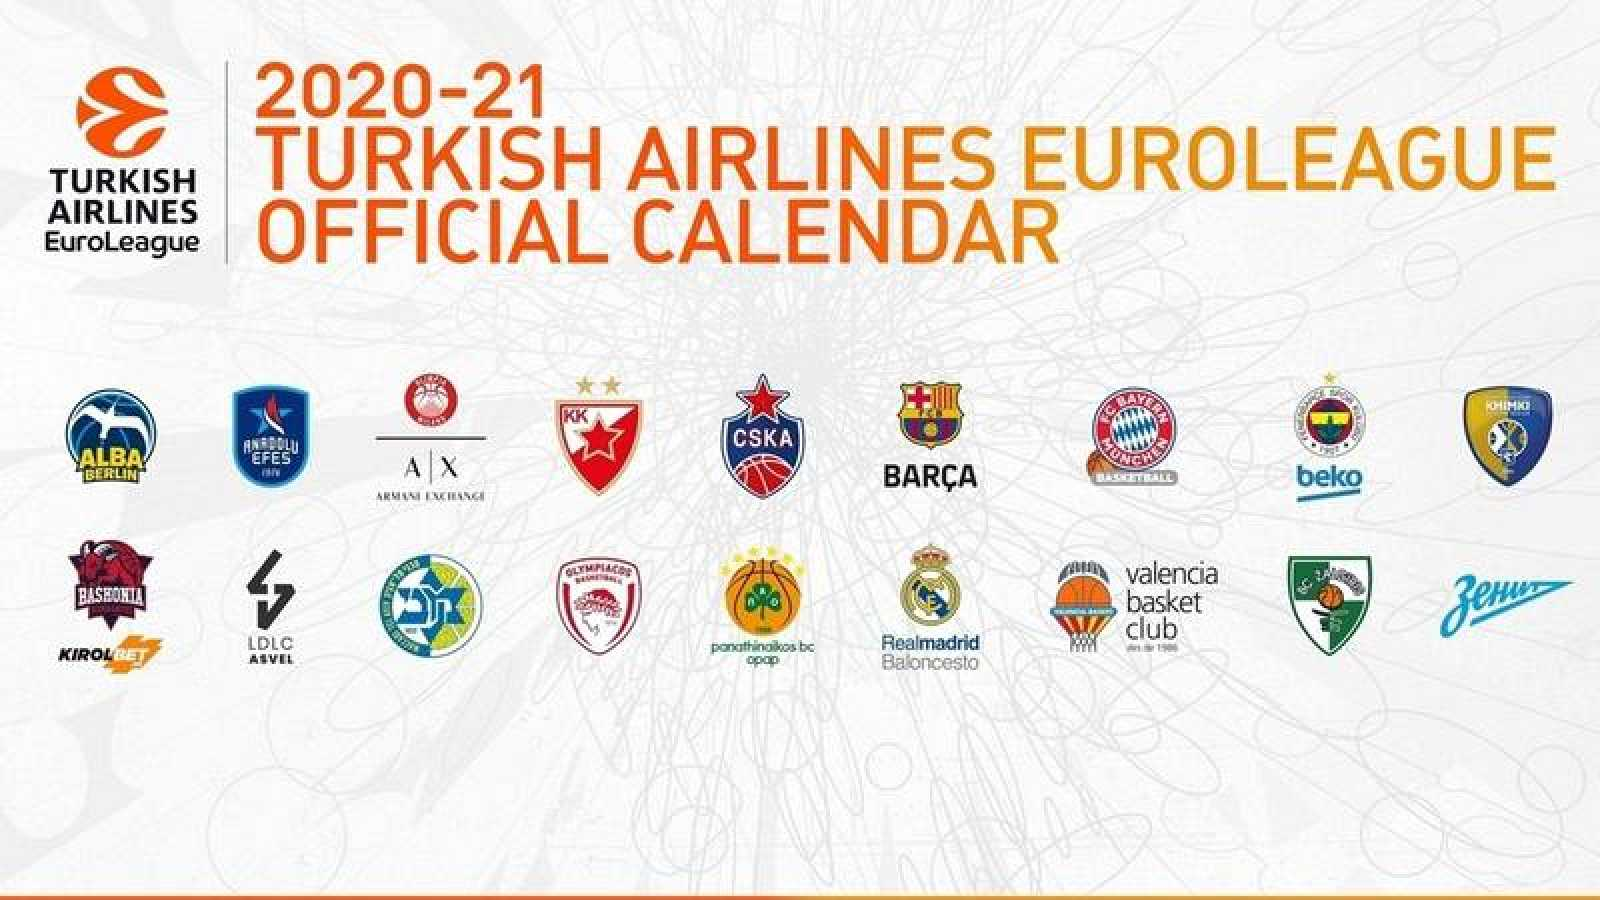 Imagen con los escudos de los 18 equipos que participarán en la Euroliga 2020-2021.